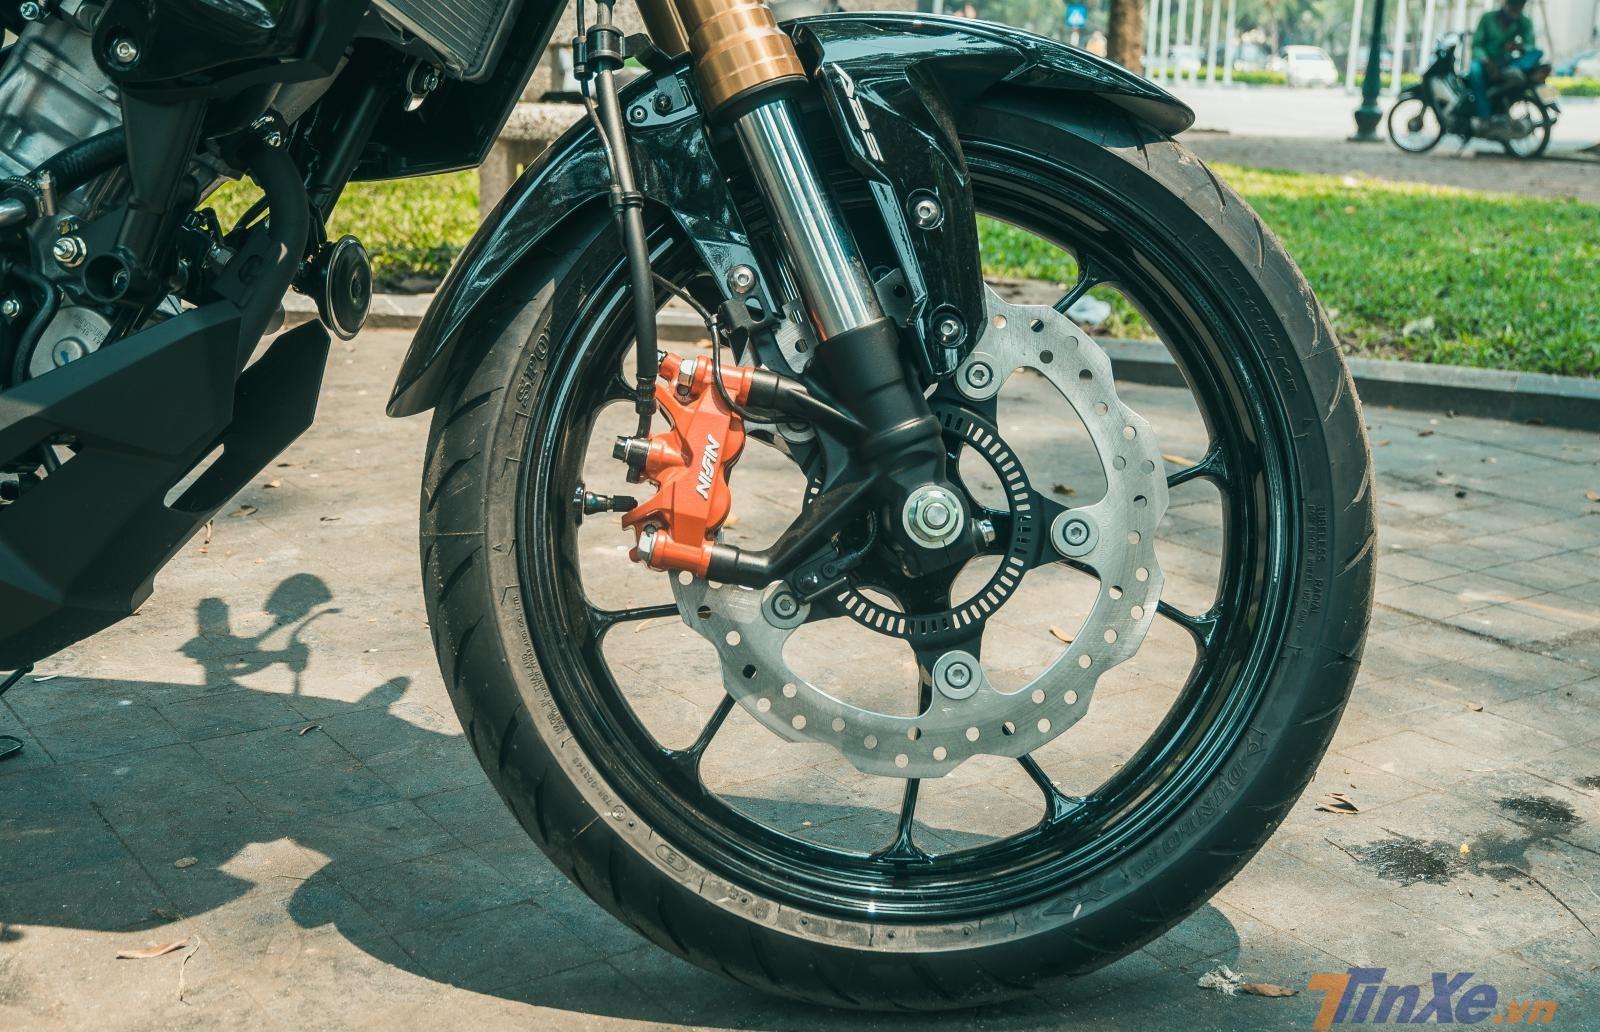 Honda CB150R Exmotion 2019 sở hữu cặp vành đúc phanh đĩa cùng hệ thống ABS hiện đại 2 kênh, cùm phanh Nissin hàng hiệu